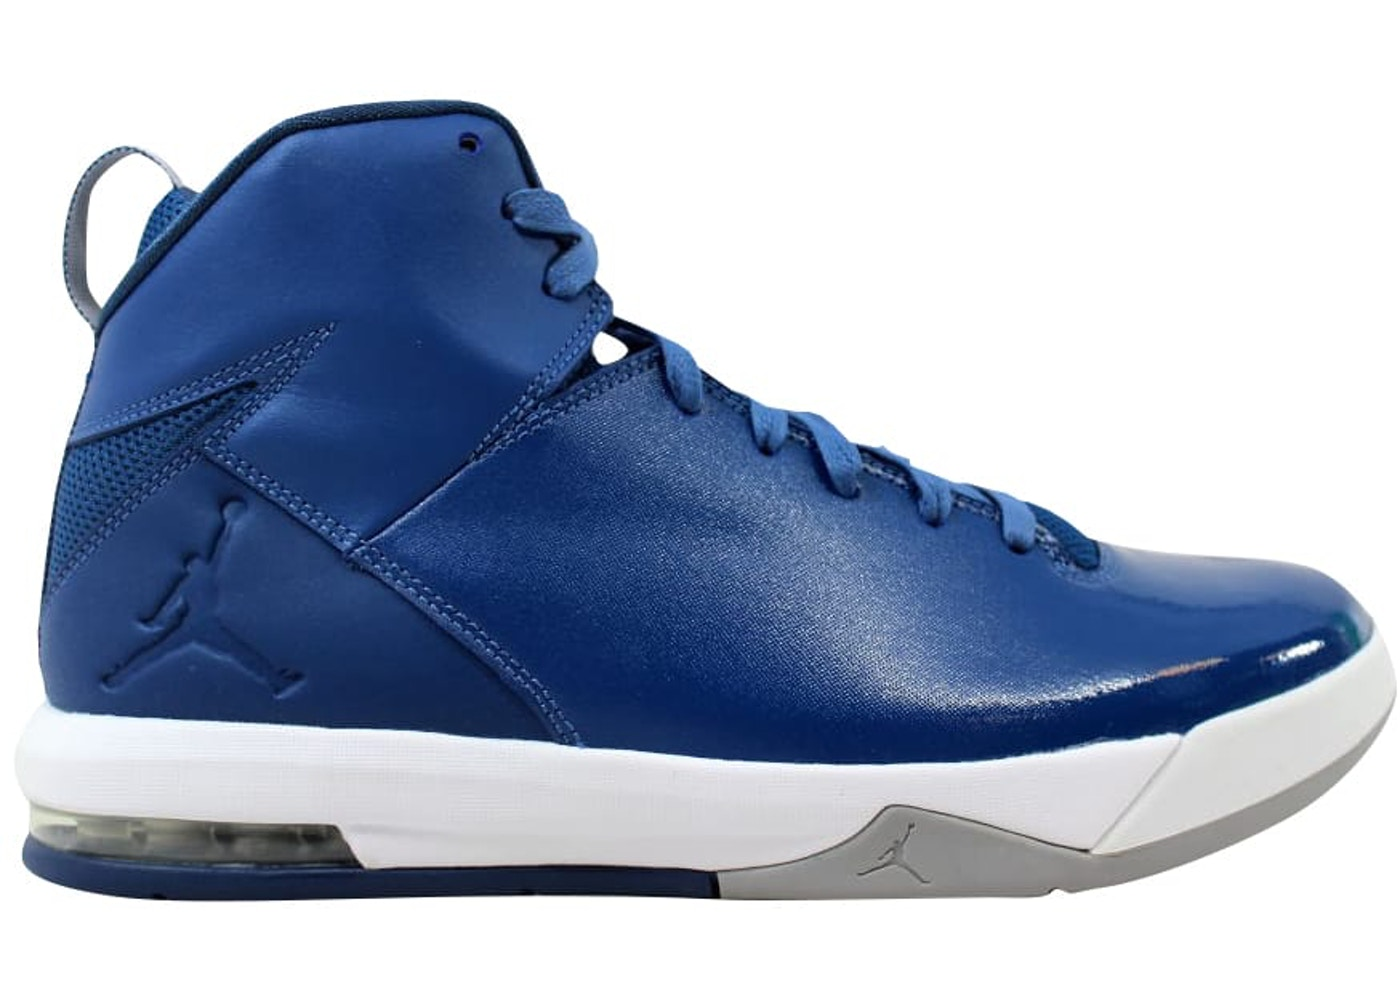 timeless design b184c 72659 Air Jordan Shoes - New Highest Bids